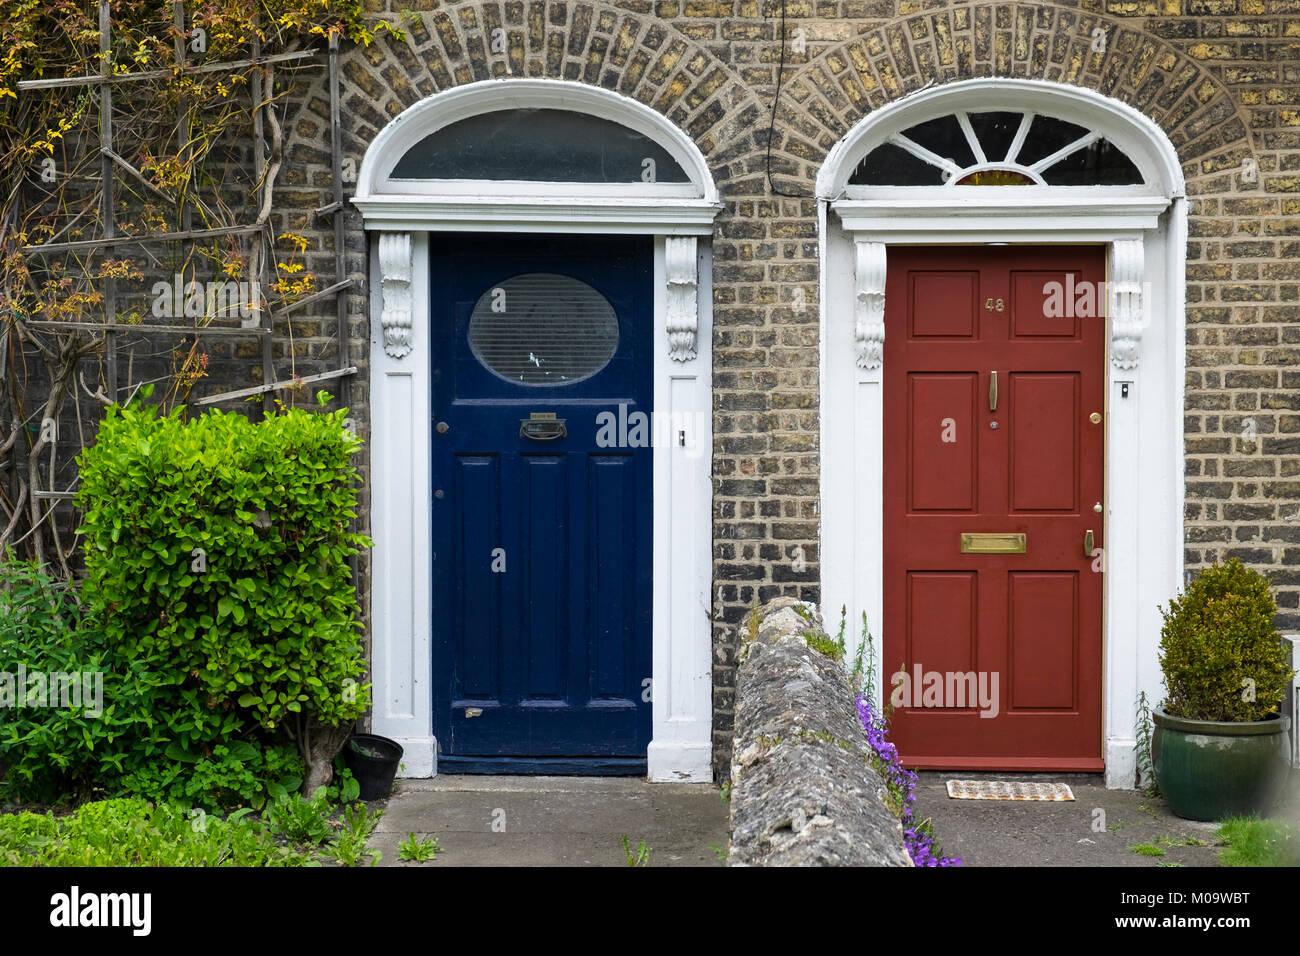 typical front doors in Dublin Ireland - Stock Image & Irish Doors Stock Photos \u0026 Irish Doors Stock Images - Alamy